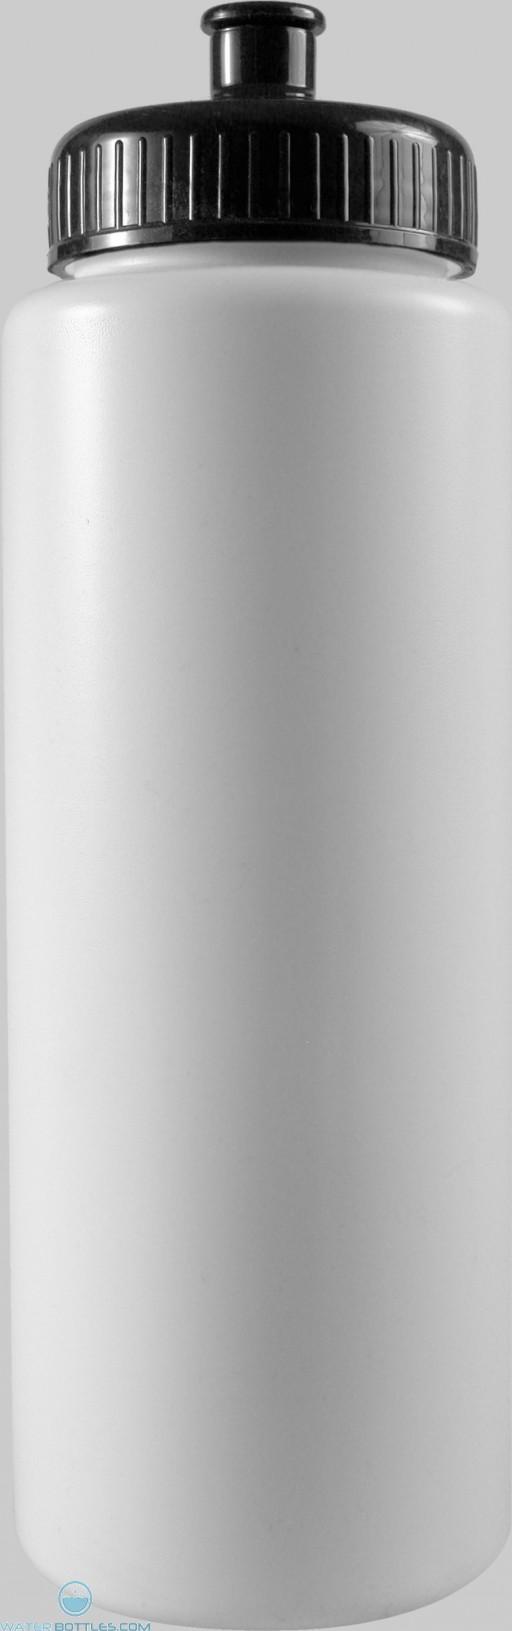 The Sports Quart - 32 oz Sports Bottles - DP-White